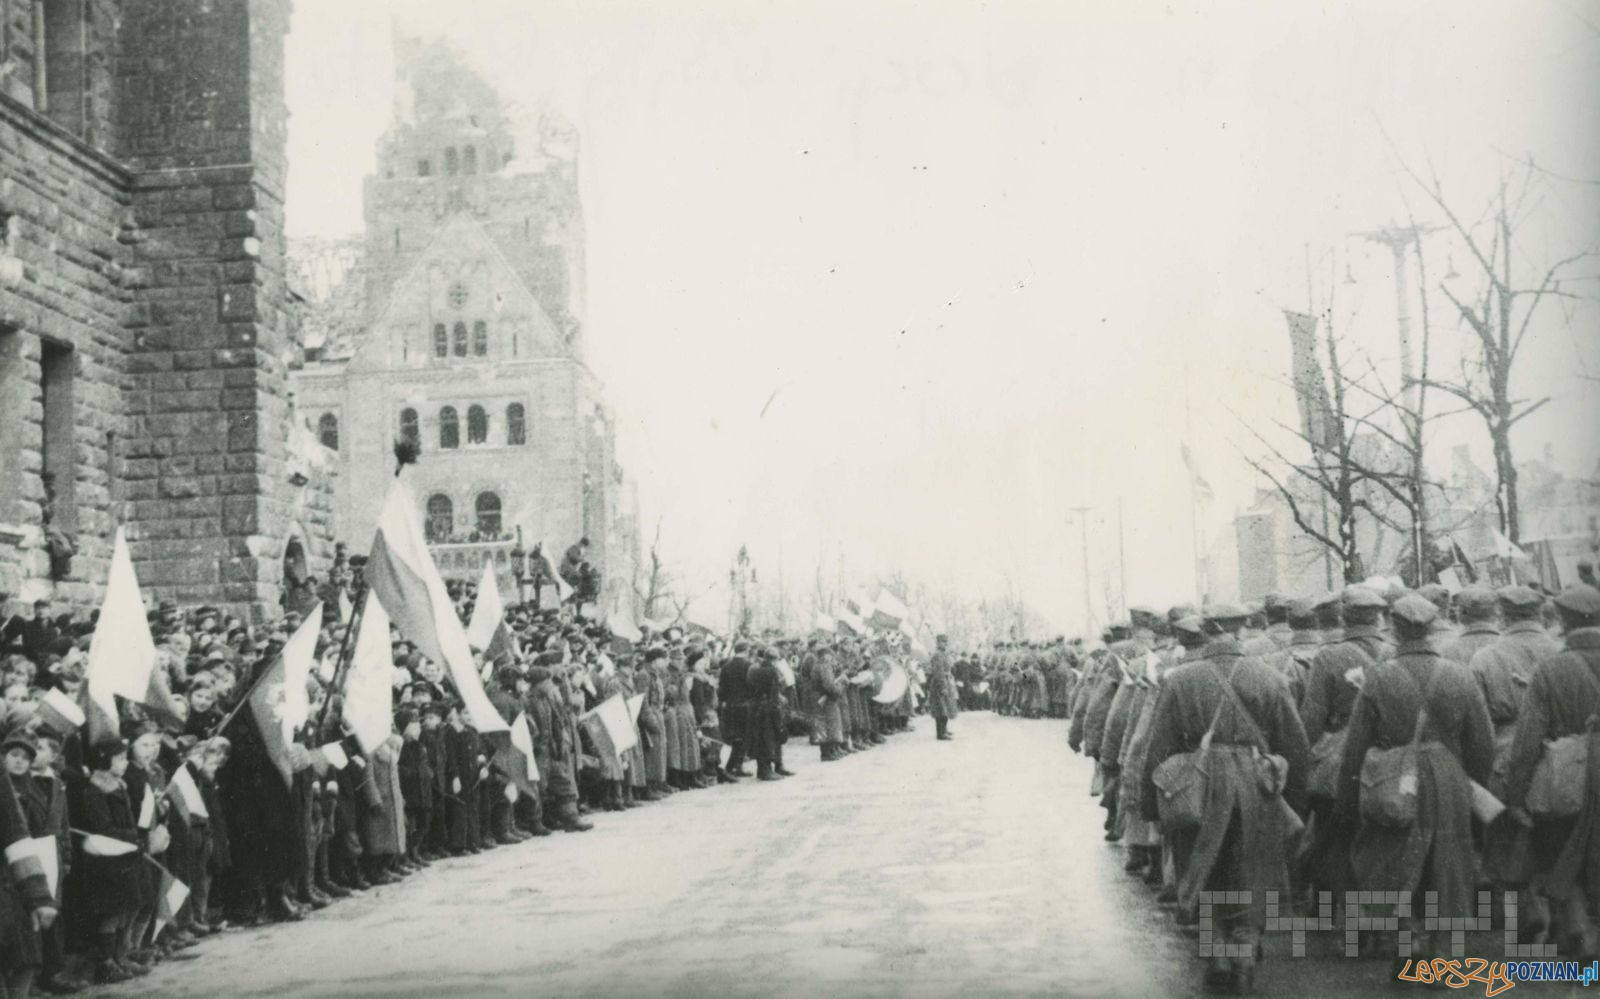 Defilada wojskowa przed Zamkiem po zdobyciu Poznania - 8.03.1945  Foto: Zbigniew Zielonacki / Cyryl